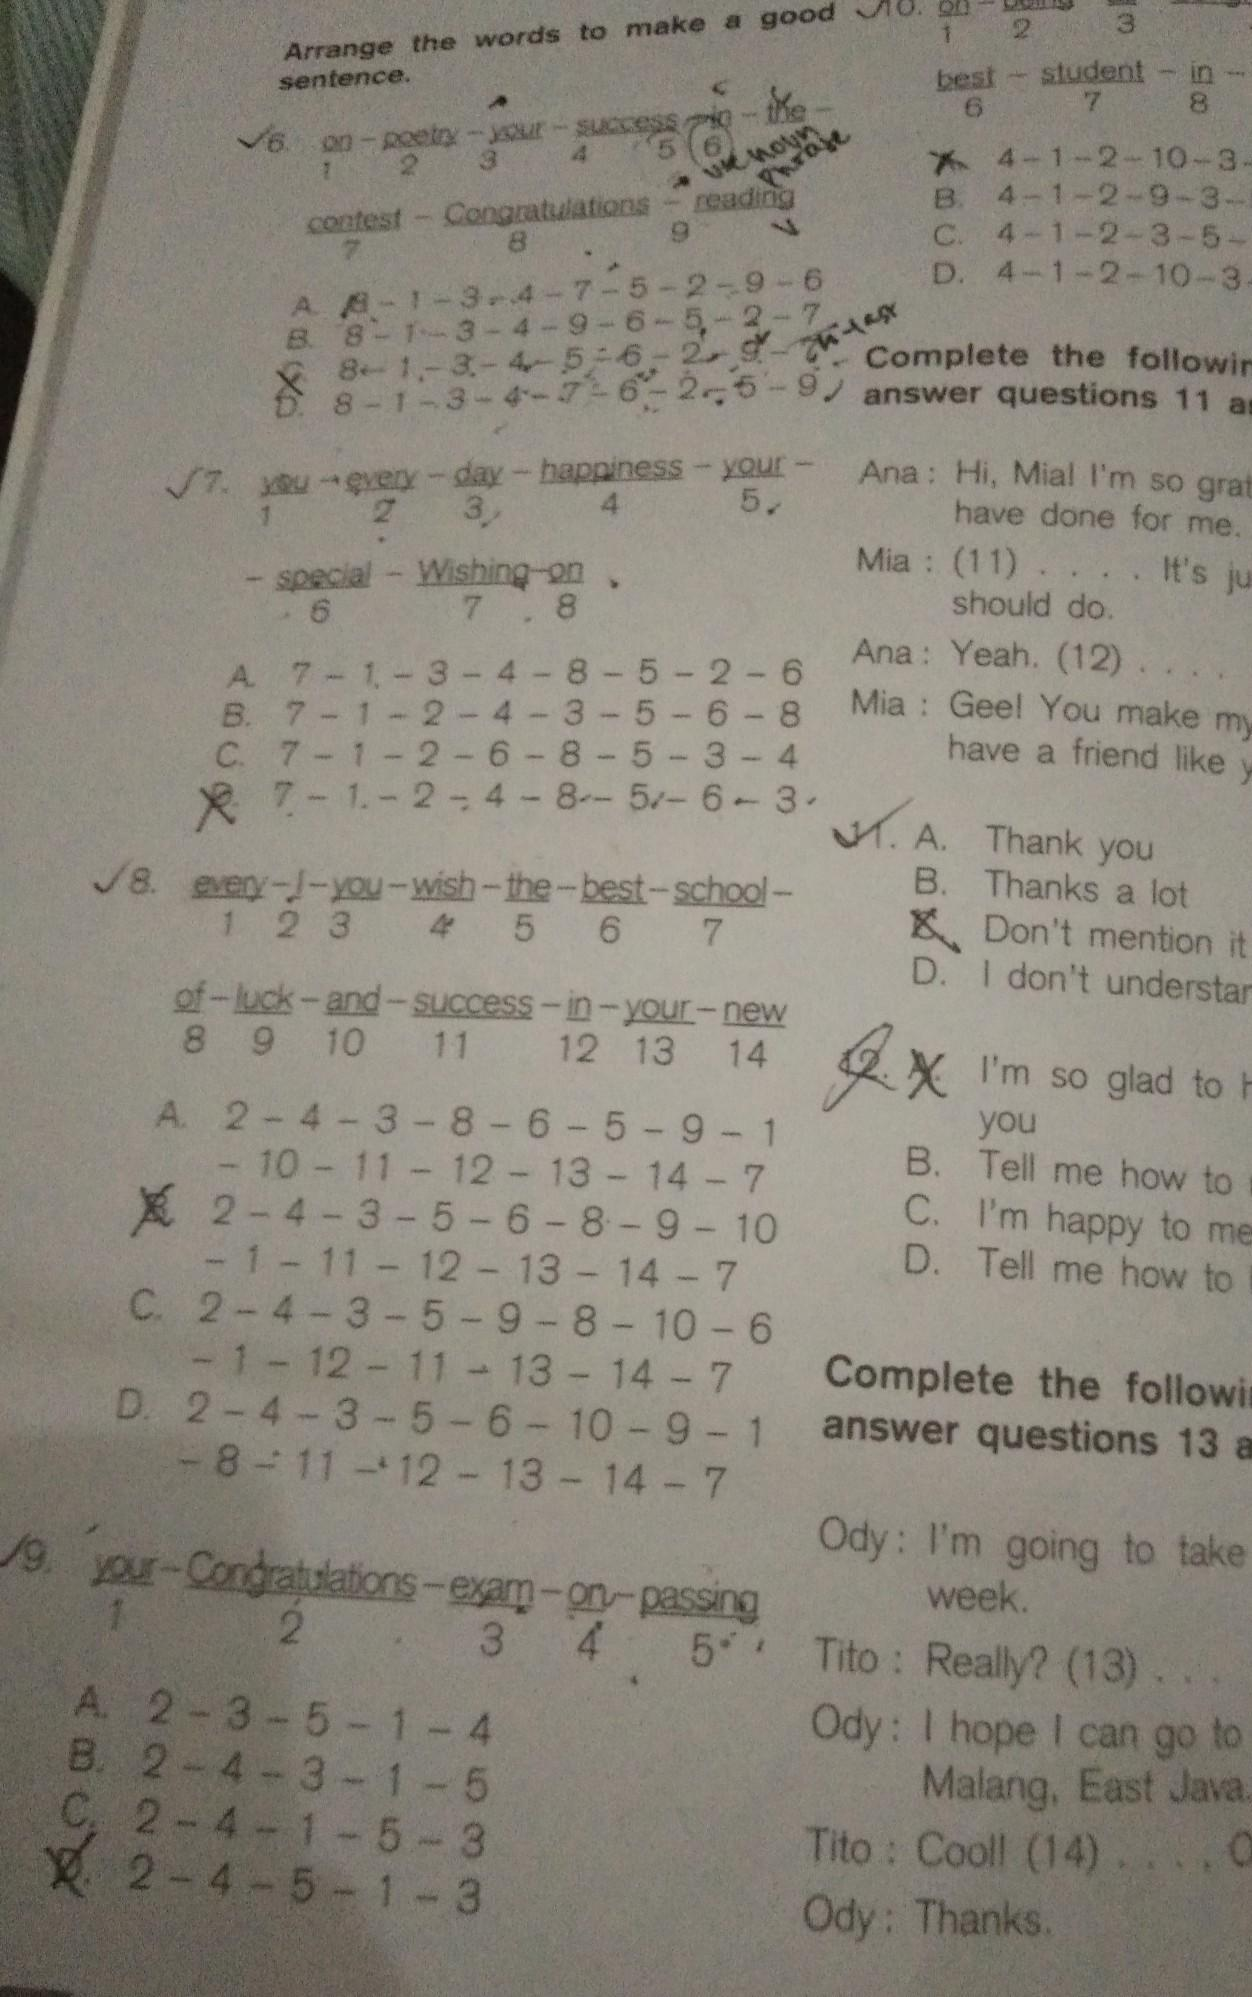 Kunci Jawaban Mandiri Practise Your English Competence Kelas 11 Guru Galeri